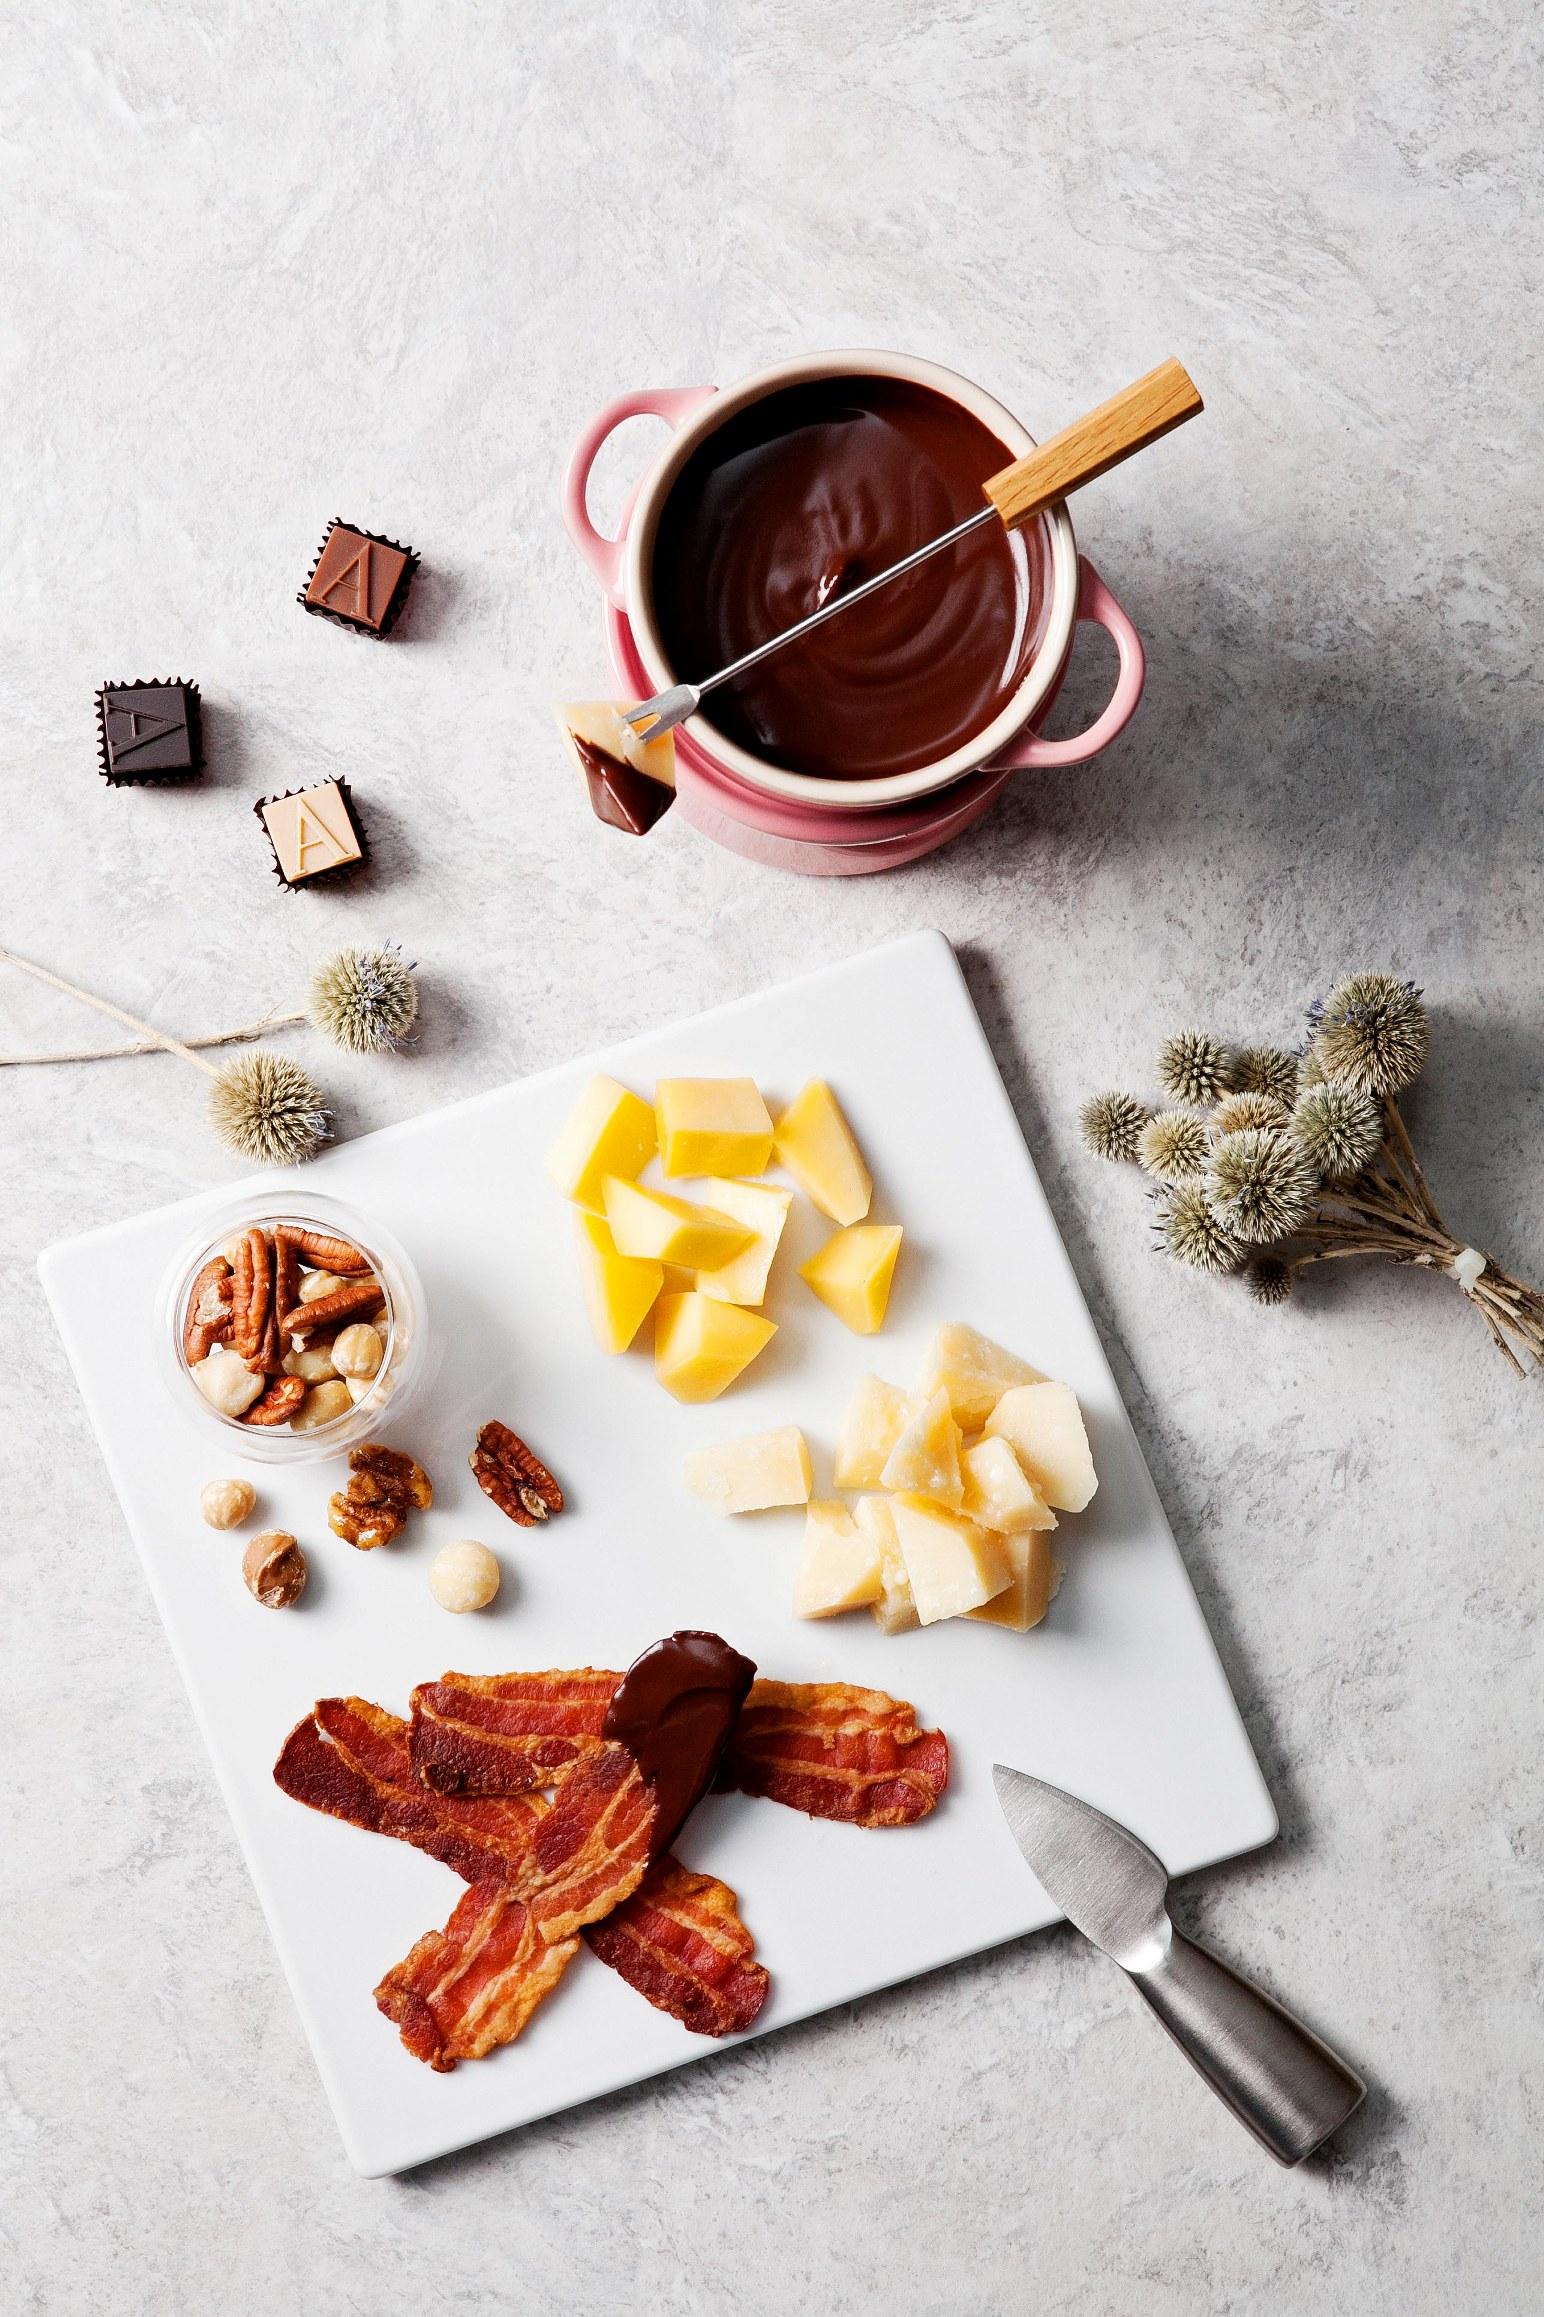 寒舍艾麗酒店【ARMANI/DOLCI 頂級巧克力鍋】 時尚設計大師的奢華工藝食譜